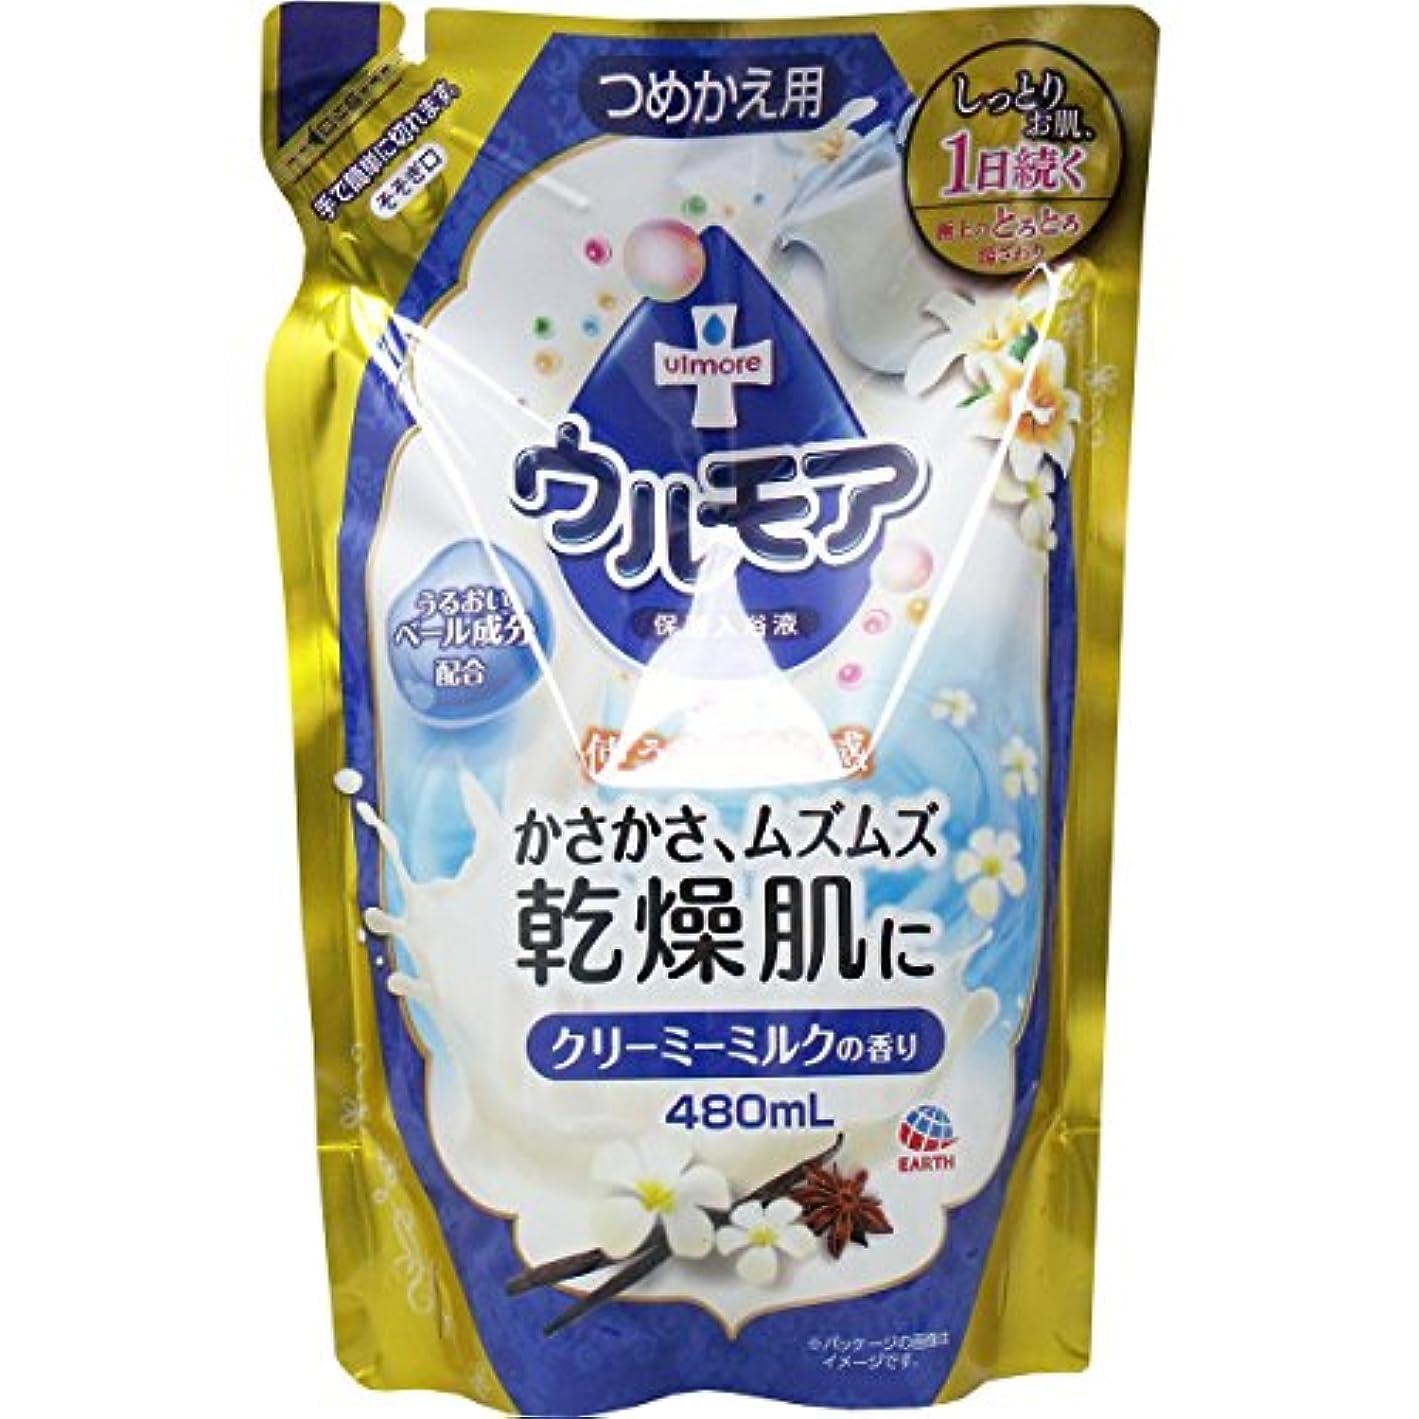 葉巻満足させる絶えず保湿入浴液ウルモアクリーミーミルク 替え × 10個セット